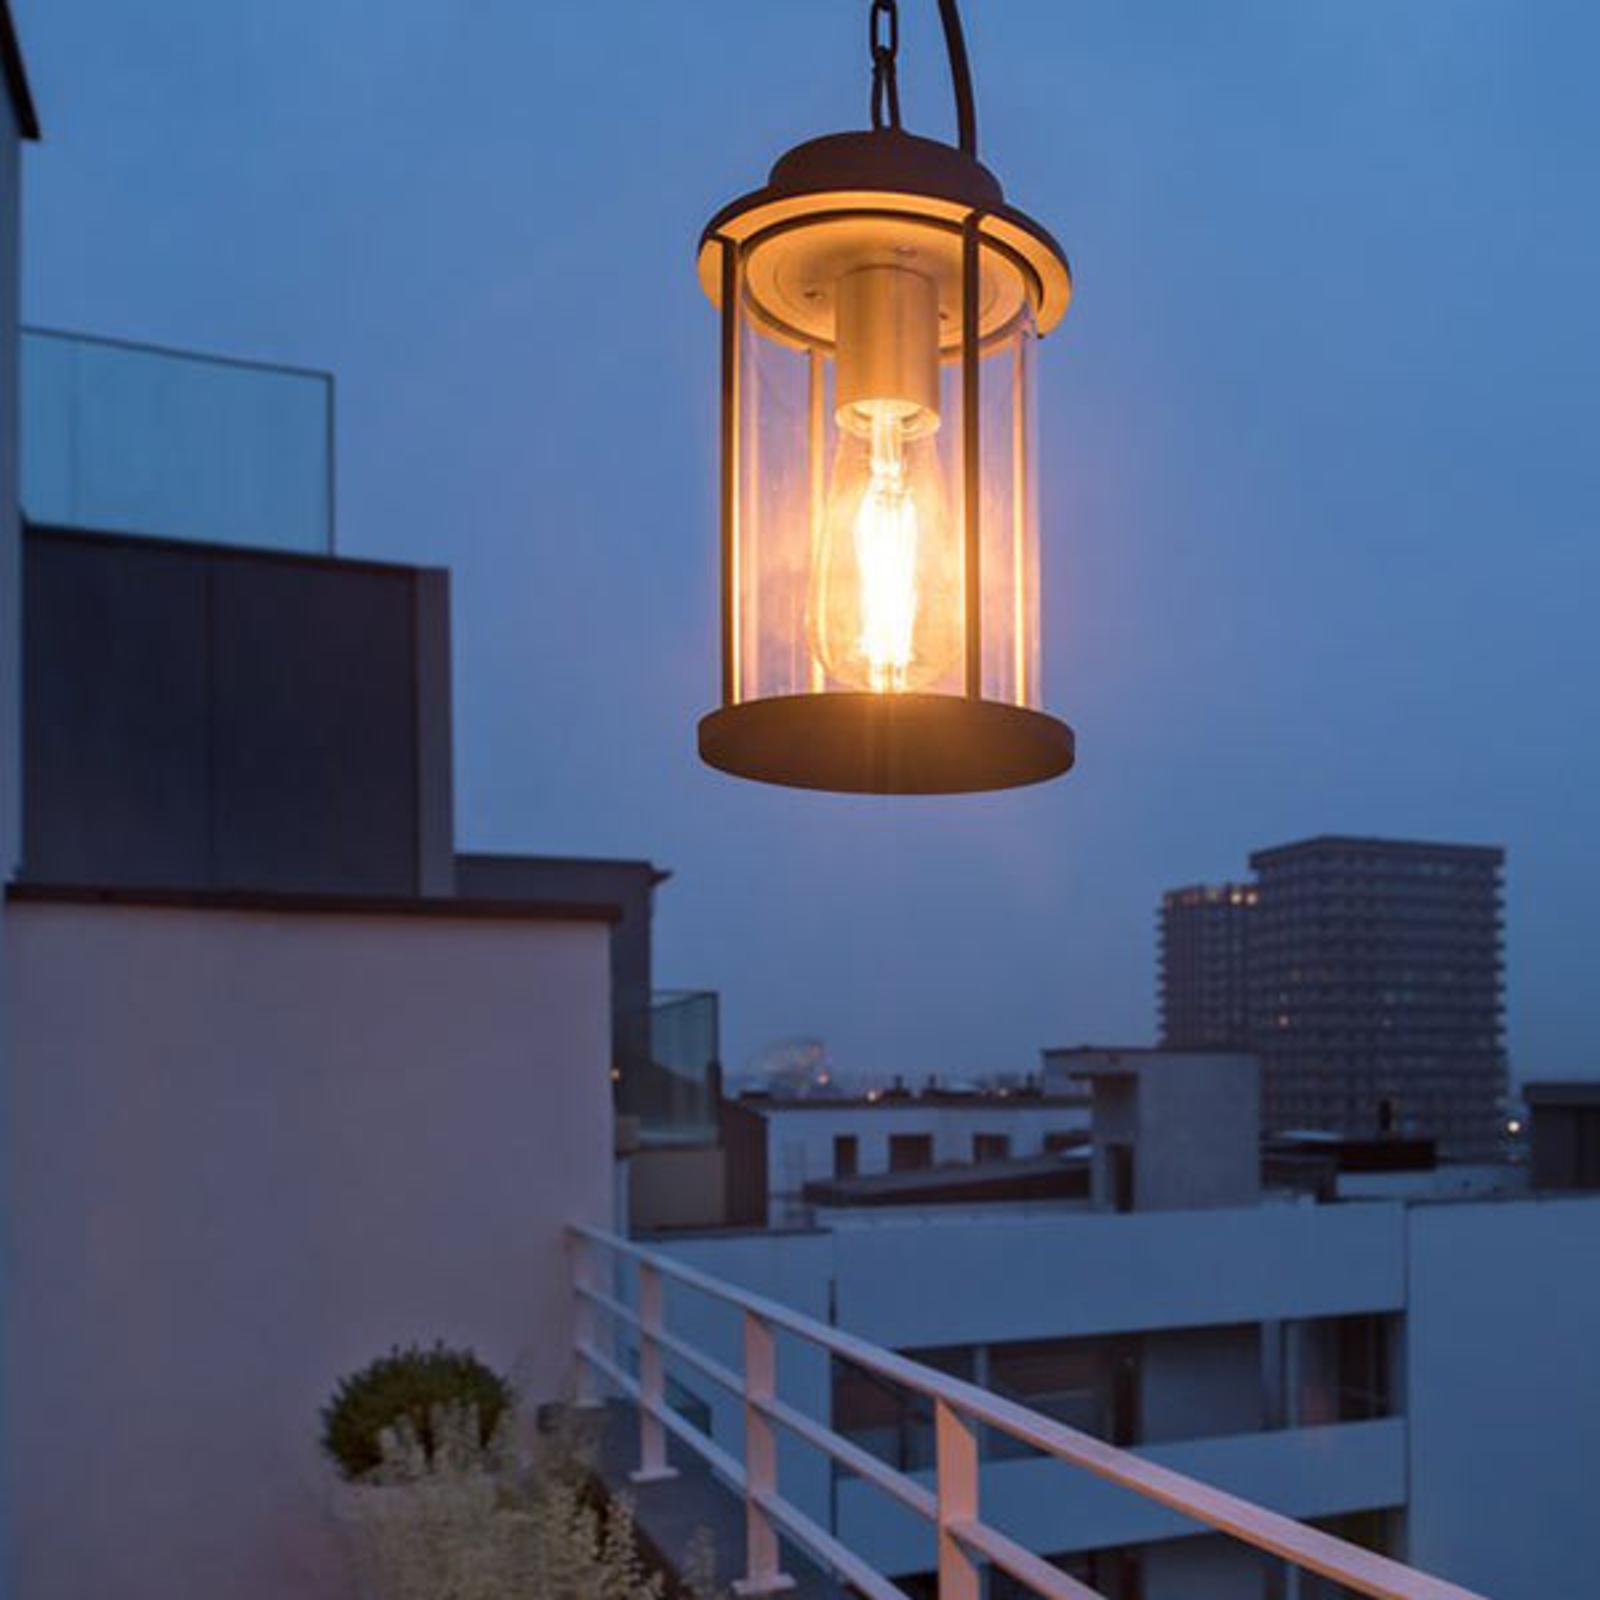 SLV Photonia lampa wisząca zewnętrzna, antracytowa